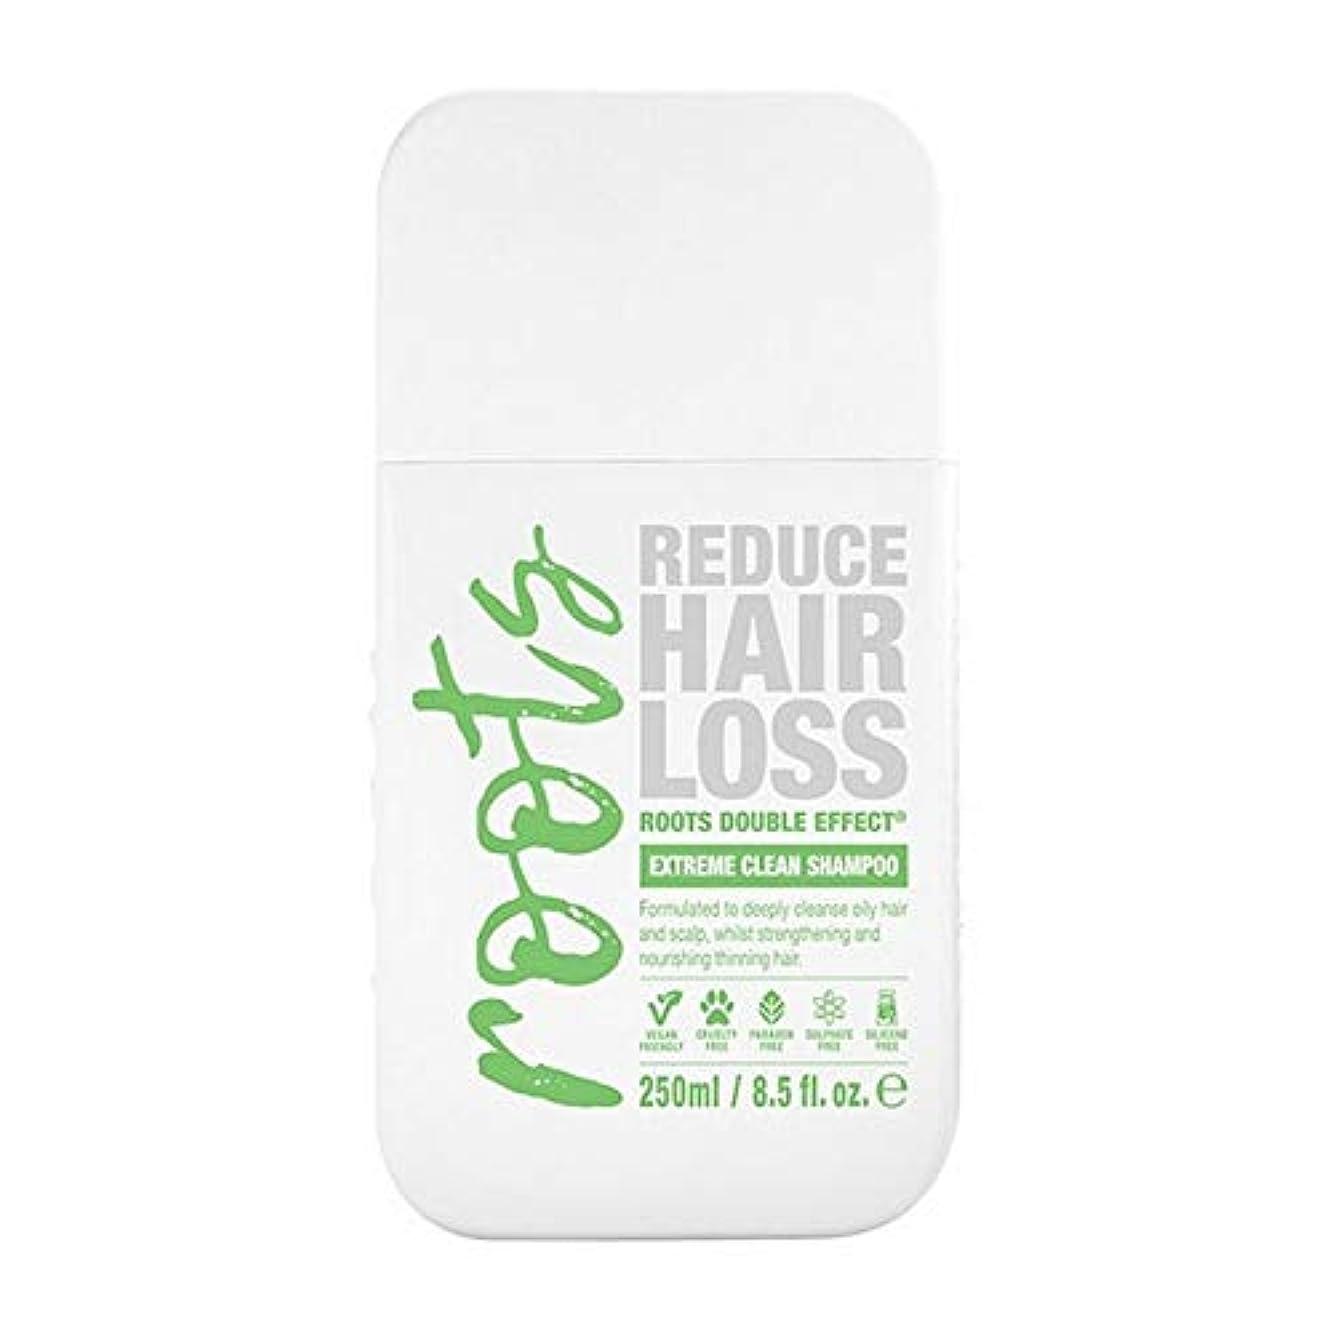 表向き良さケント[Roots ] 根のダブル効果極端なクリーンシャンプー250Ml - Roots Double Effect Extreme Clean Shampoo 250ml [並行輸入品]